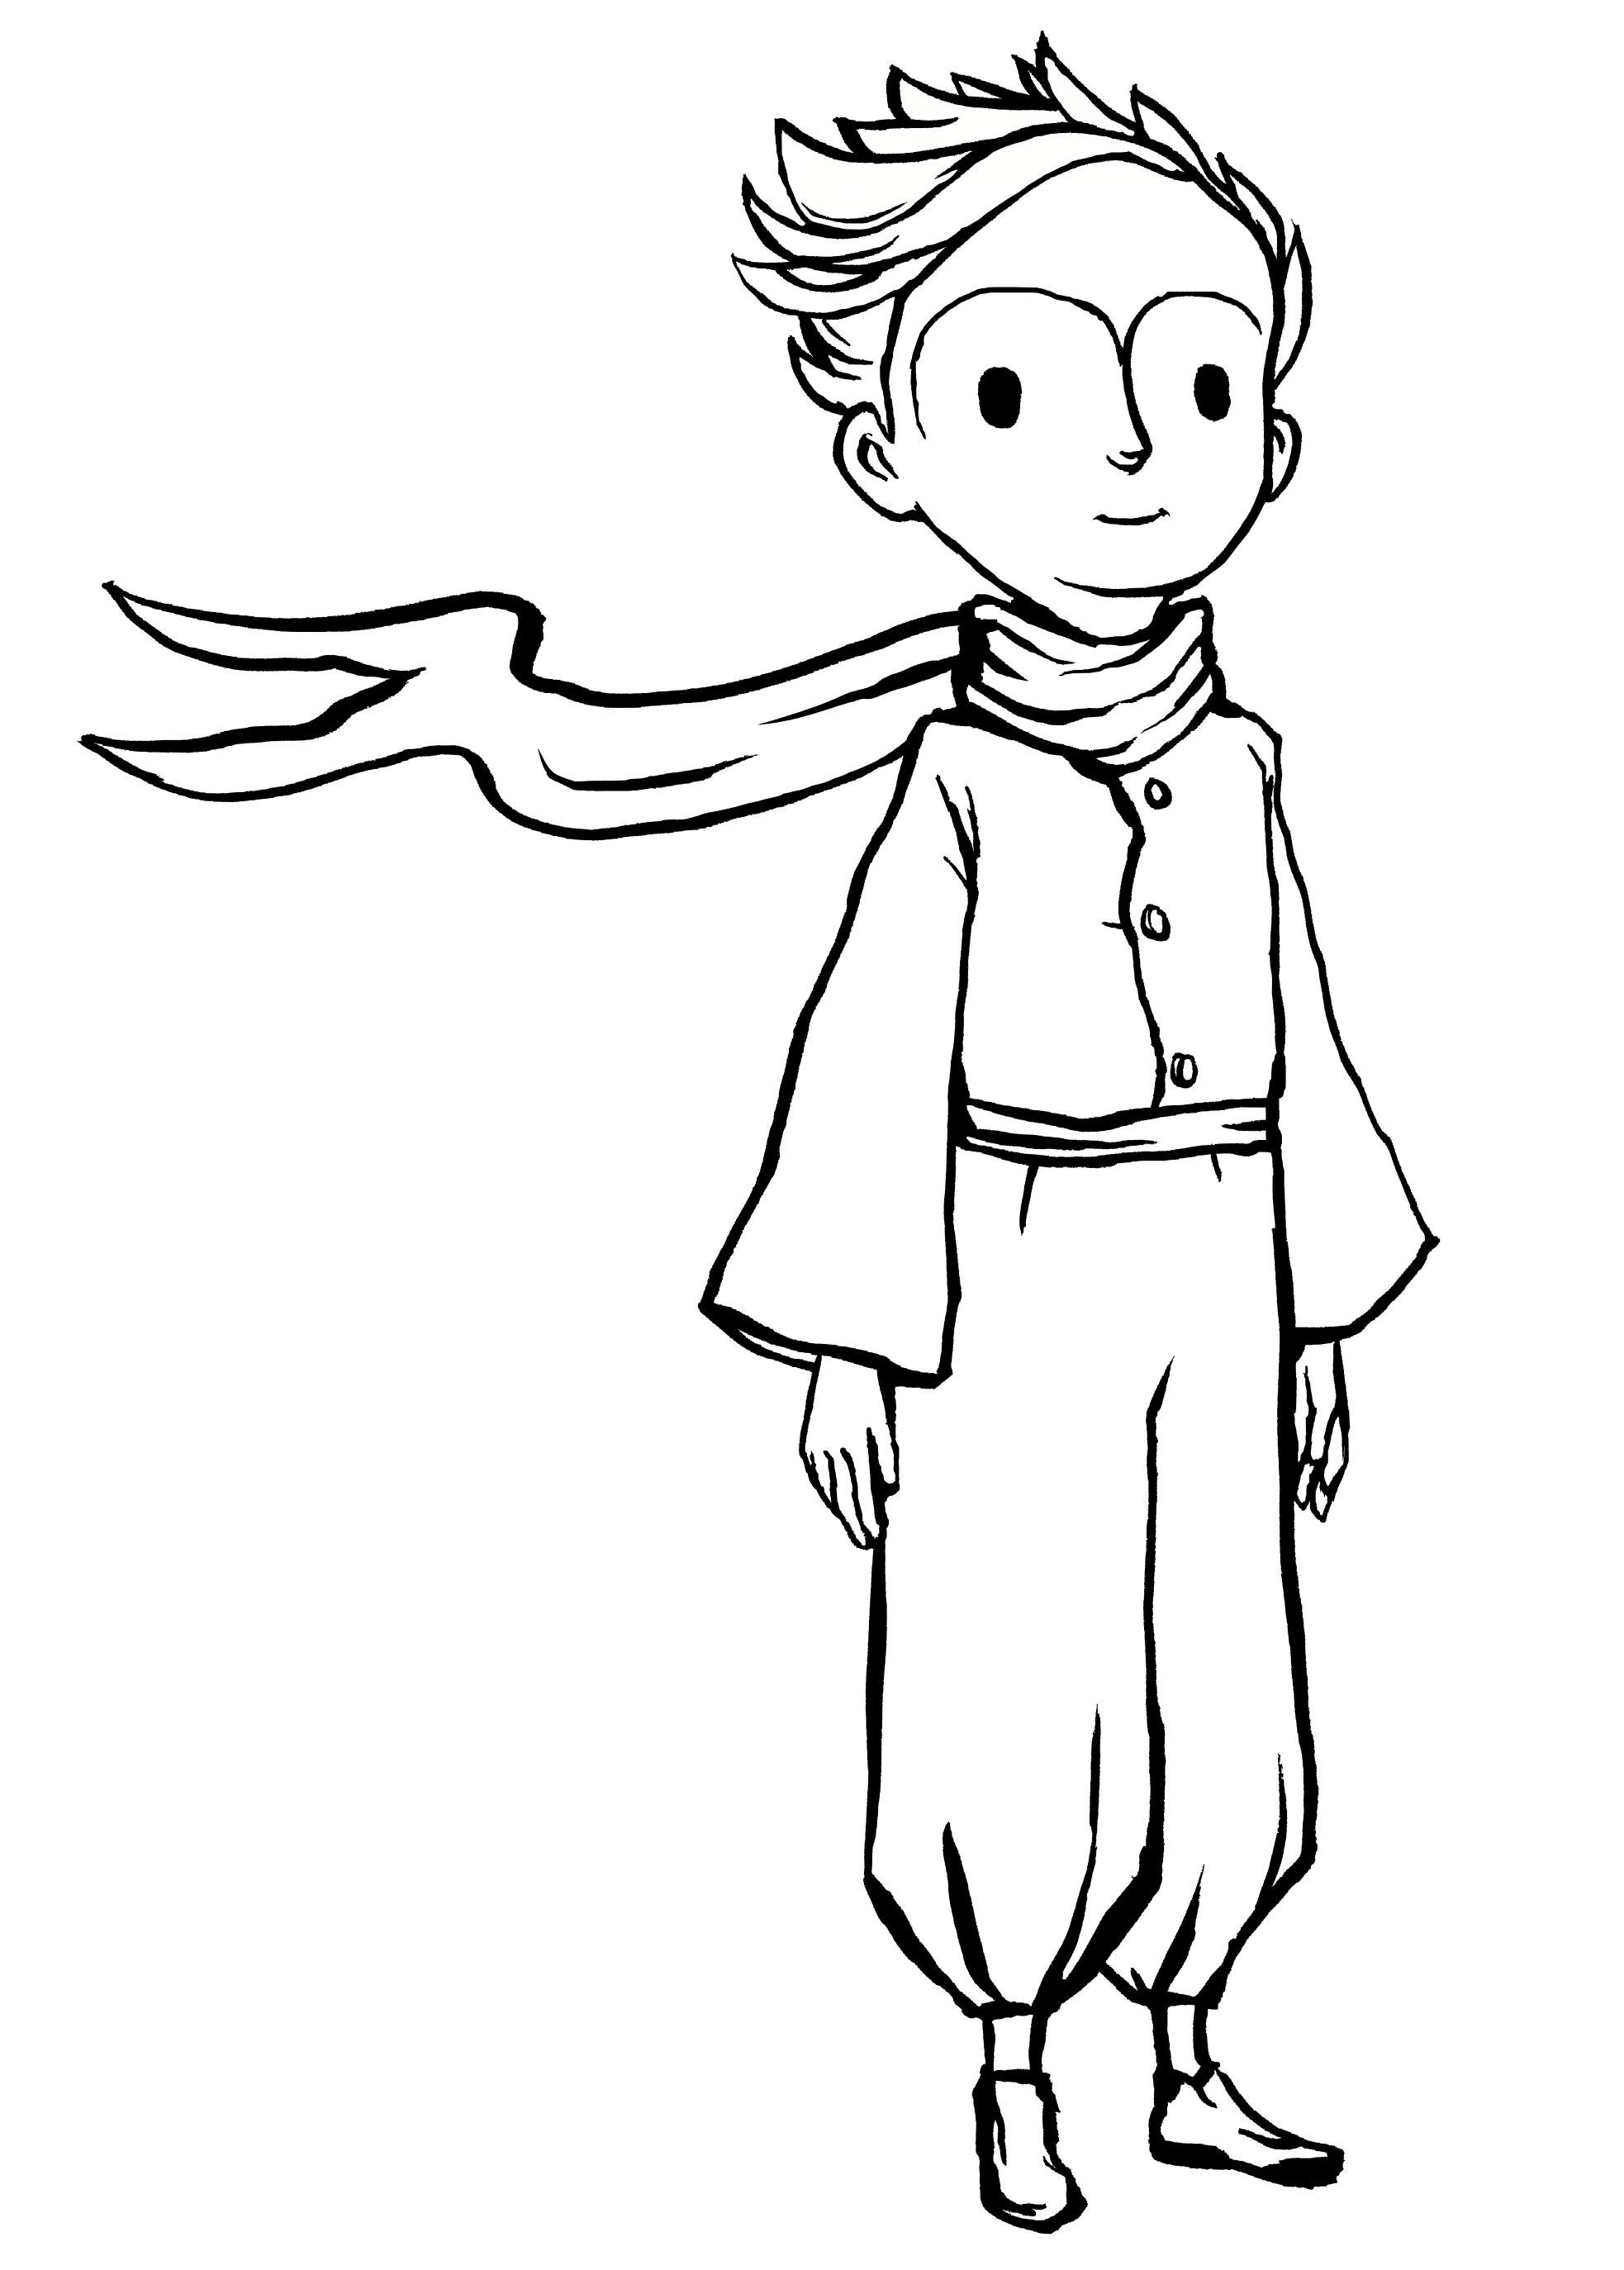 картинки раскраски к маленькому принцу после